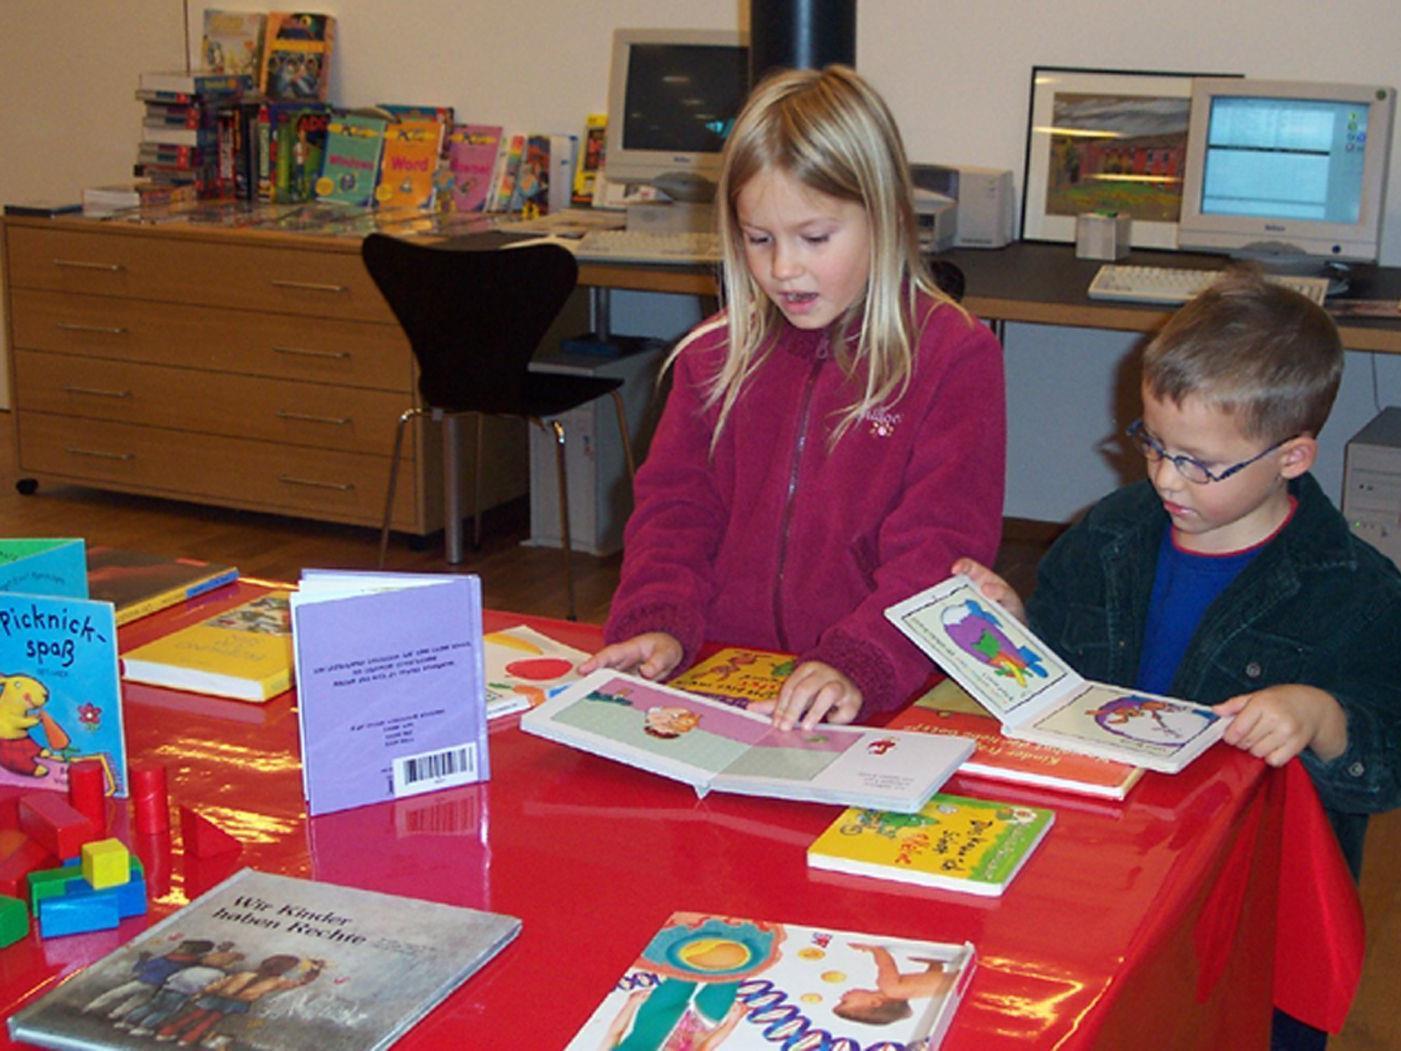 Beim Bücherflohmarkt am kommenden Samstag gibt es Lesefutter zu Schnäppchenpreisen.